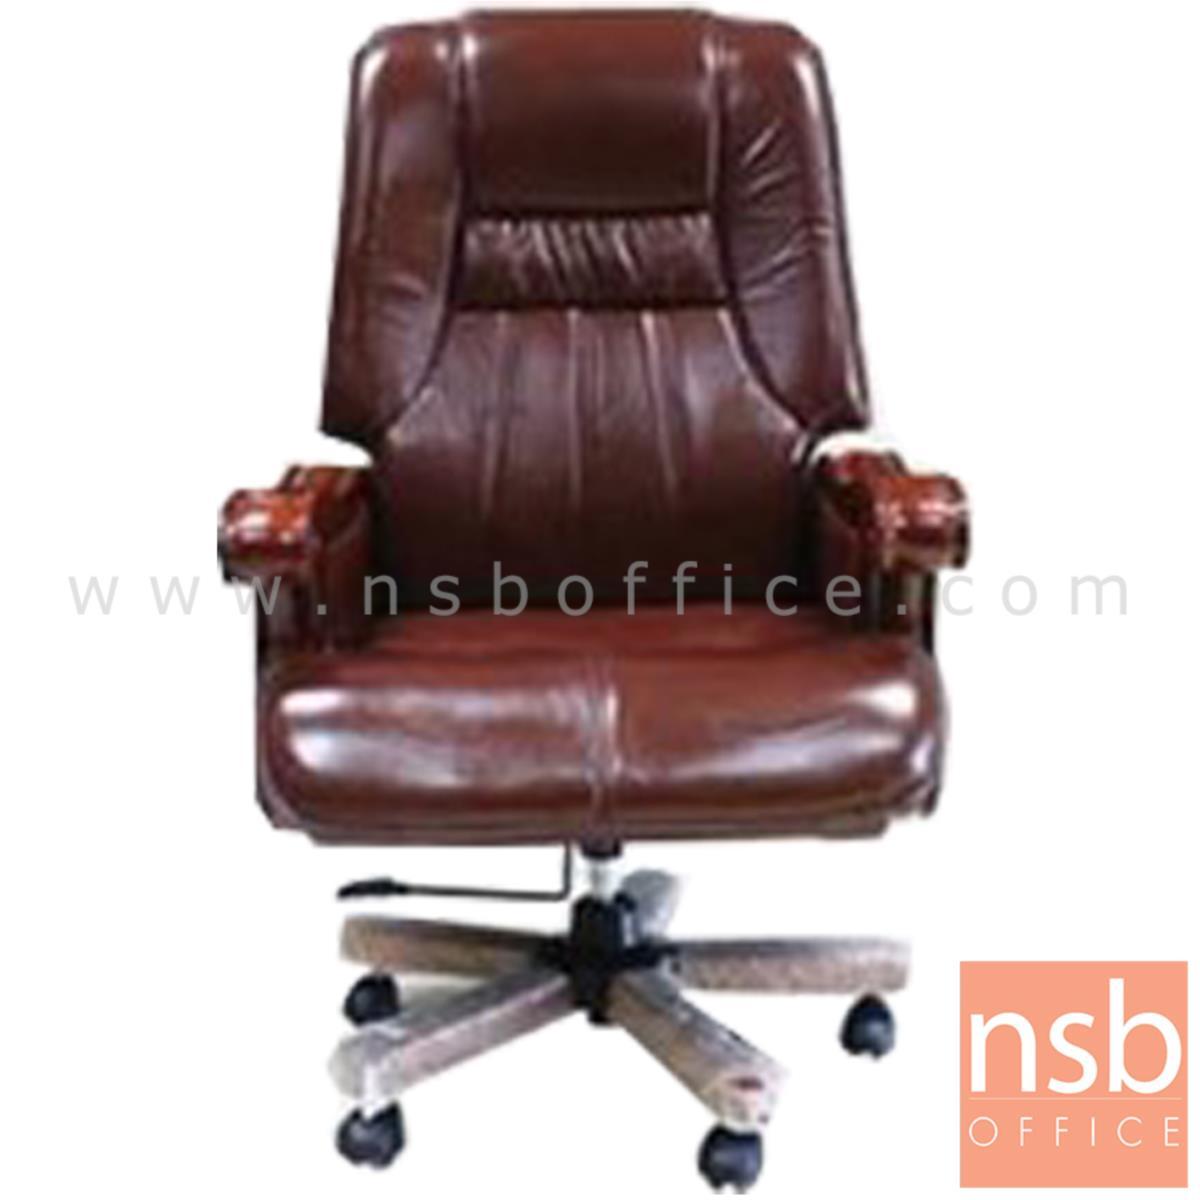 B25A131:เก้าอี้ผู้บริหารหนังแท้ รุ่น EAGLEWOOD (อีเกิลวูด)  โช๊คแก๊ส ขาเหล็ก